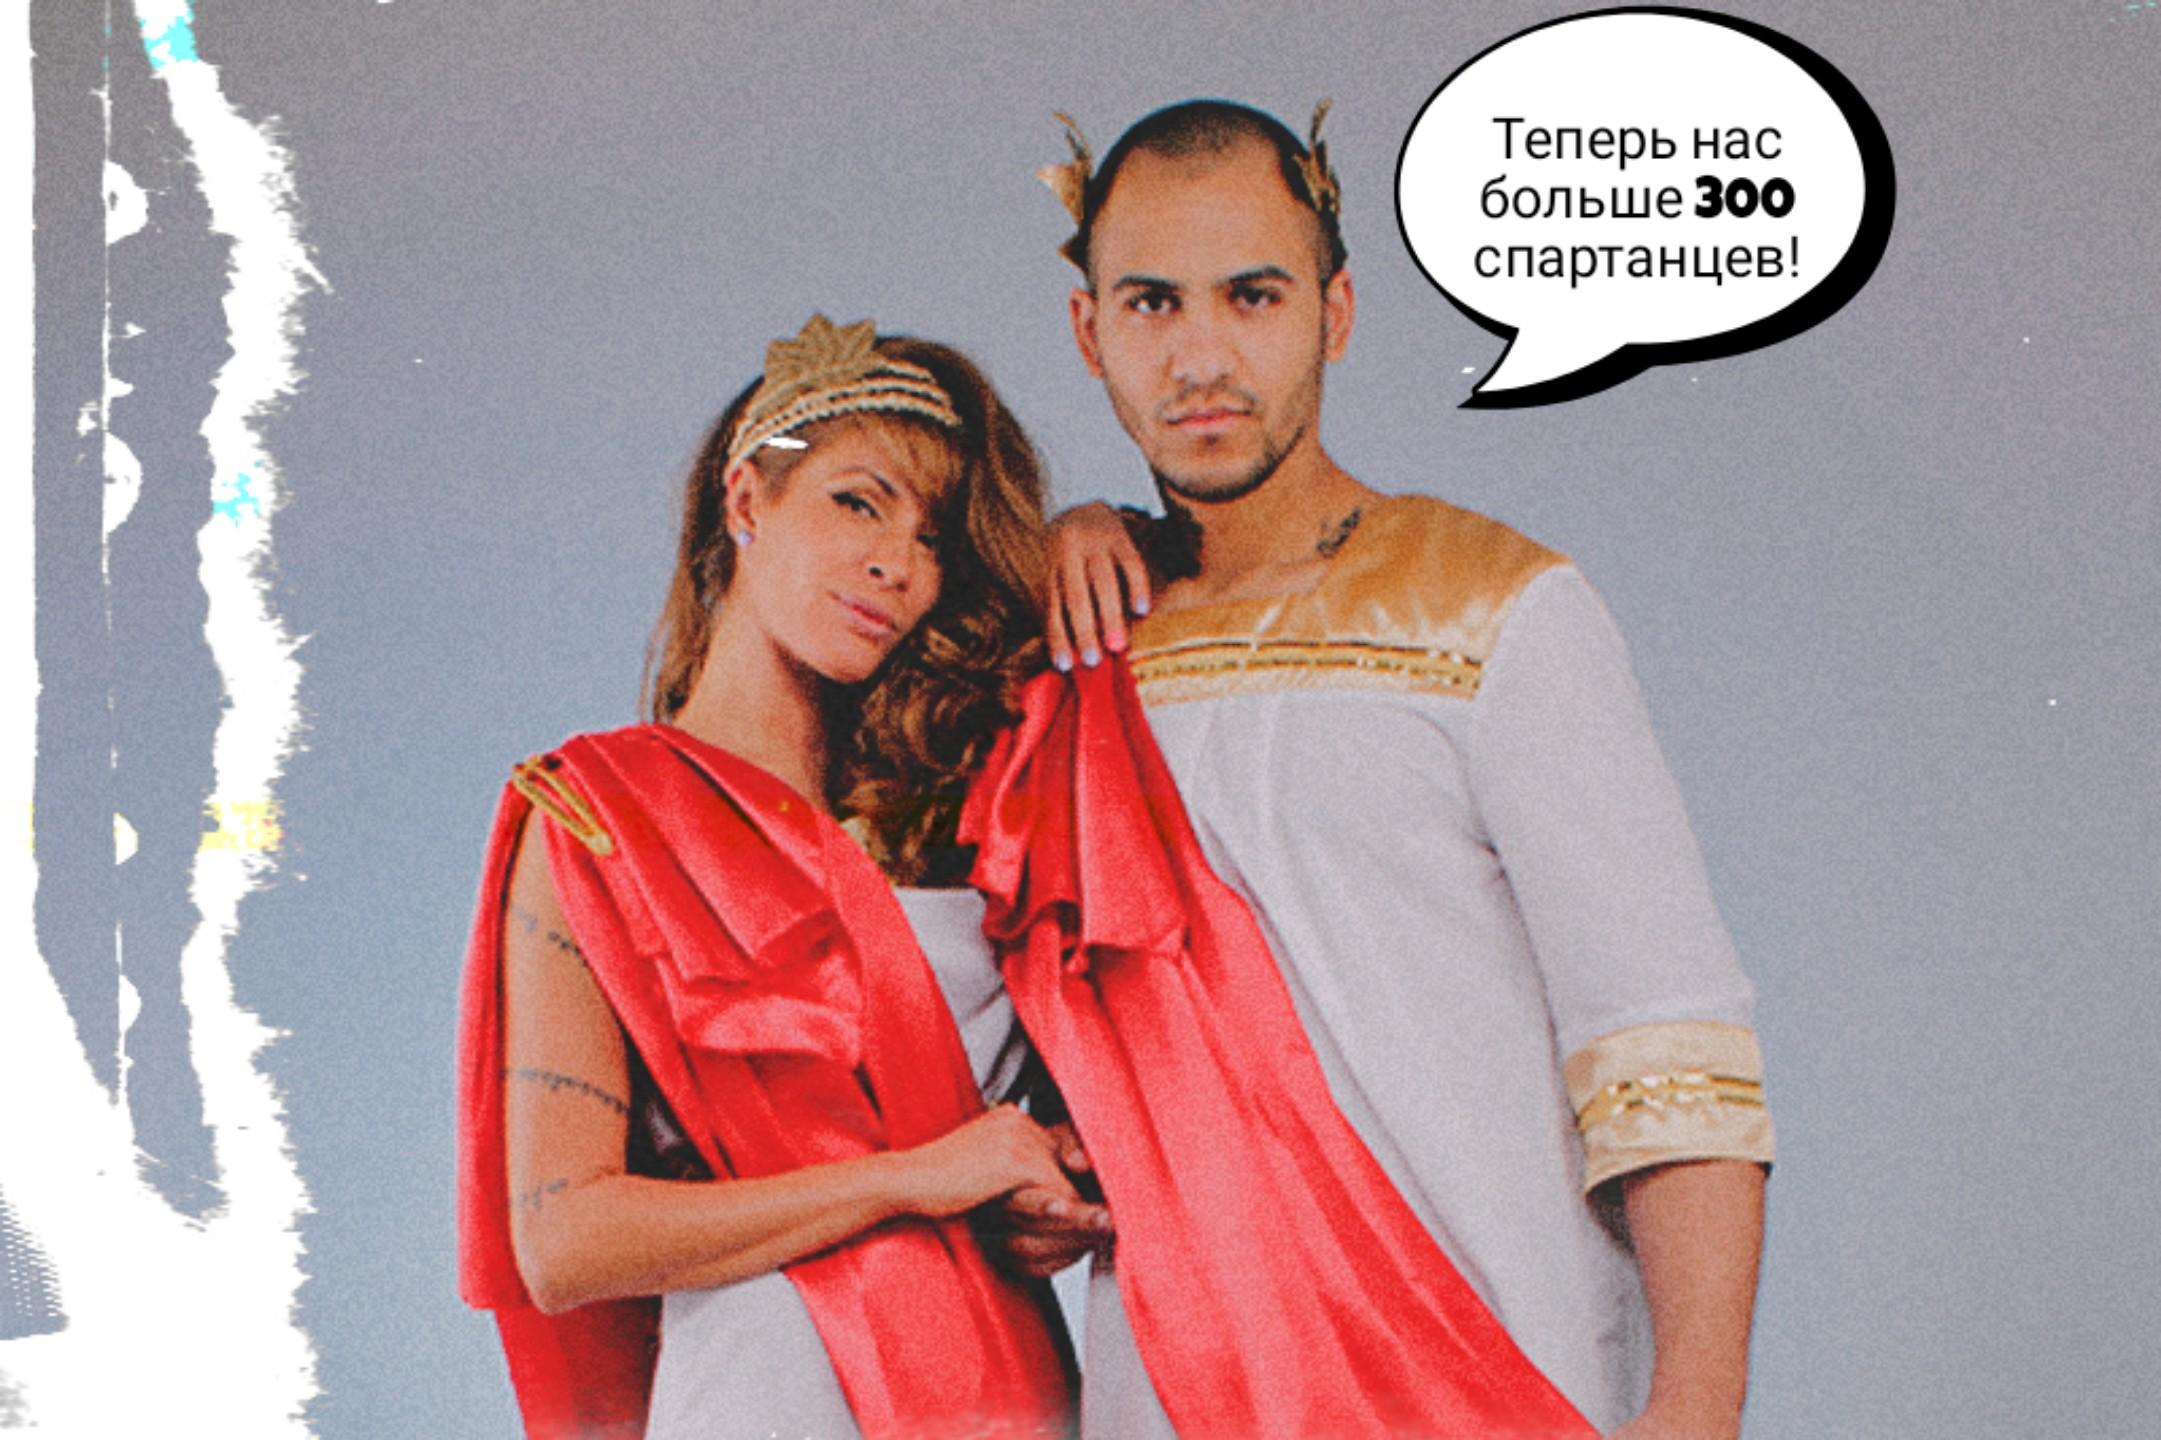 С февраля мы готовы одеть 12 греческих богов и 31 богиню! Такде в наличии 8 греческих костюмов для мальчиков и 8 костюмов для девочек.